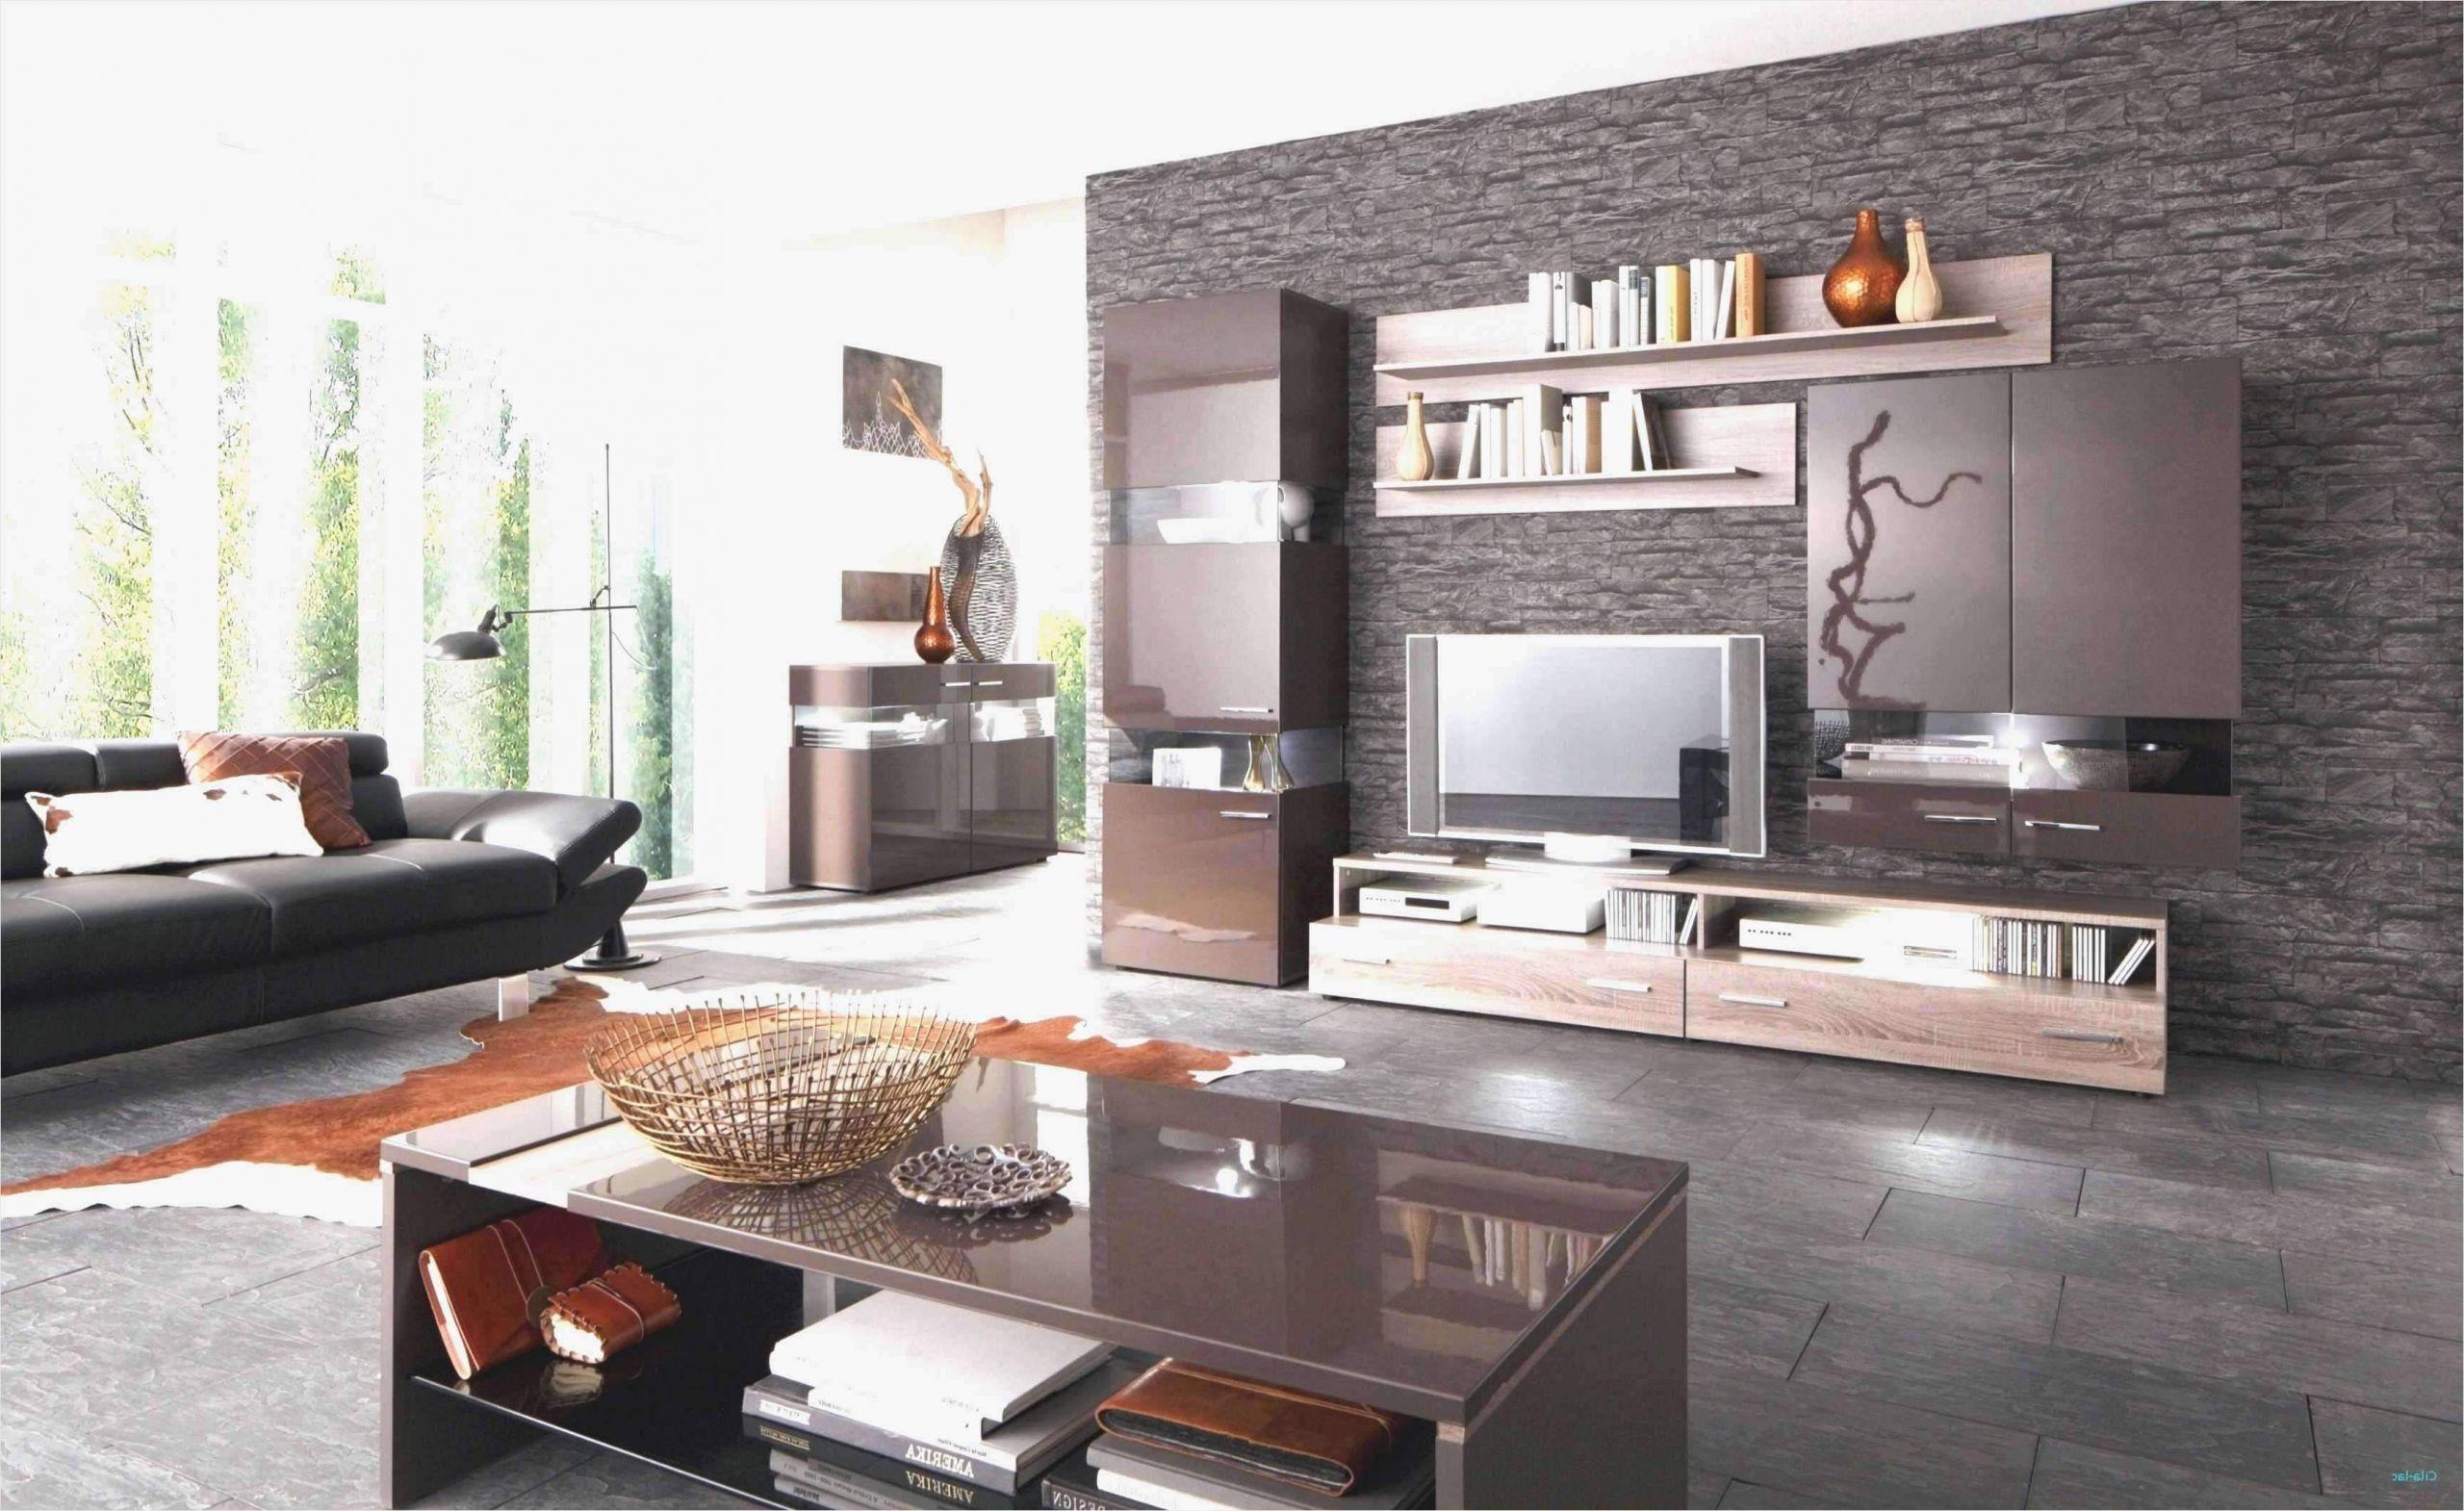 Full Size of Dekorationsideen Wohnzimmer Deko Ideen Luxus Luxury Balken Ideas Decken Bilder Modern Deckenlampen Fürs Vorhang Pendelleuchte Gardinen Wandbild Led Wohnzimmer Dekorationsideen Wohnzimmer